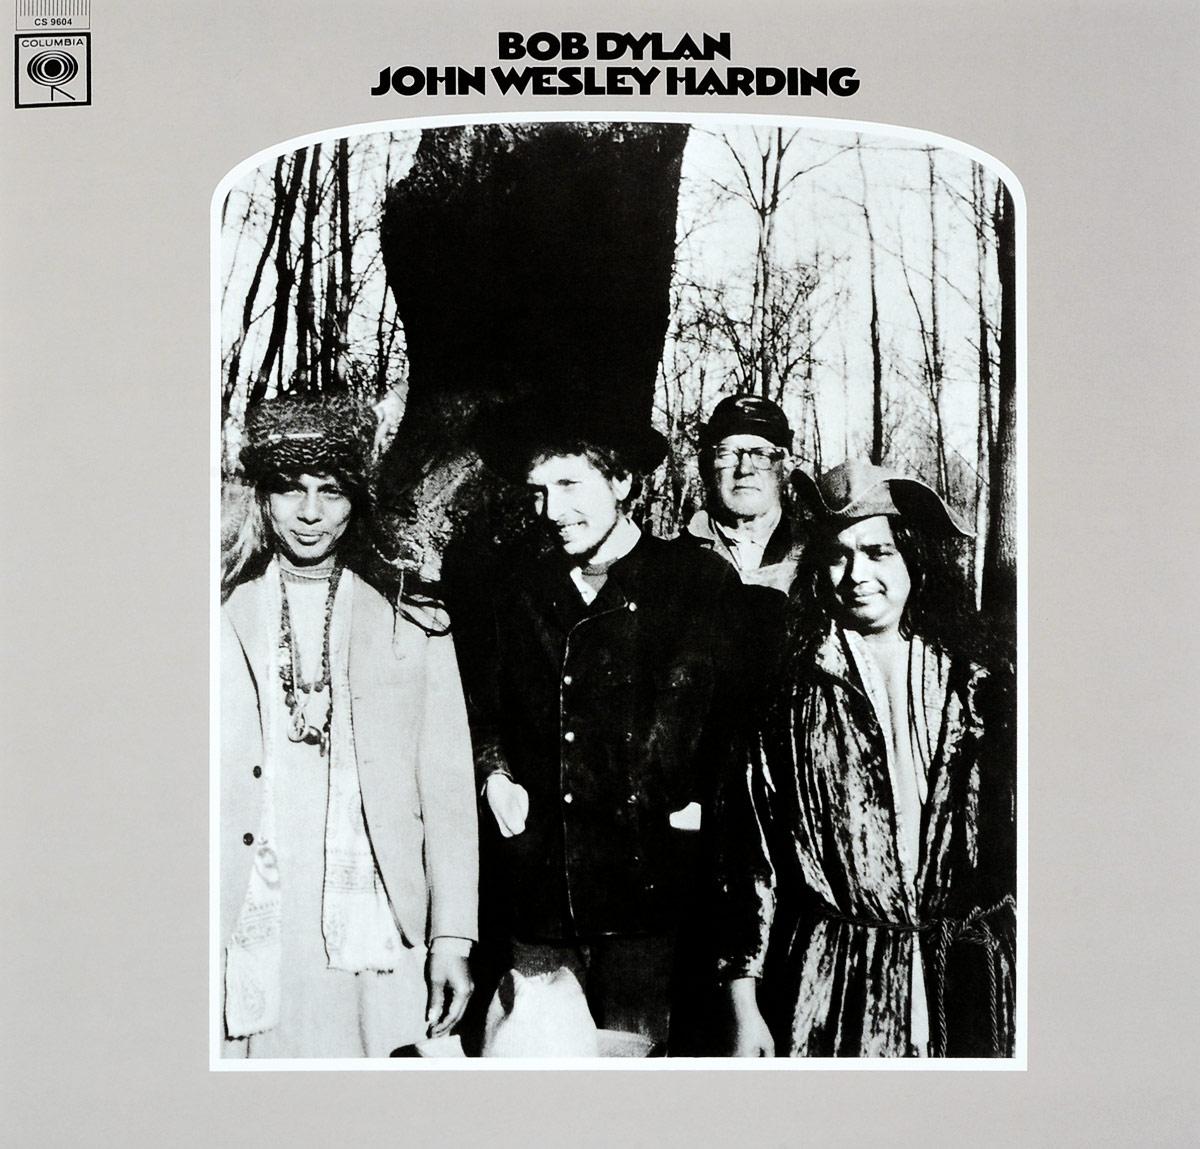 Боб Дилан Bob Dylan. John Wesley. Harding. 2010 Mono Version (LP) bob dylan bob dylan john wesley harding 2010 mono version 180 gr